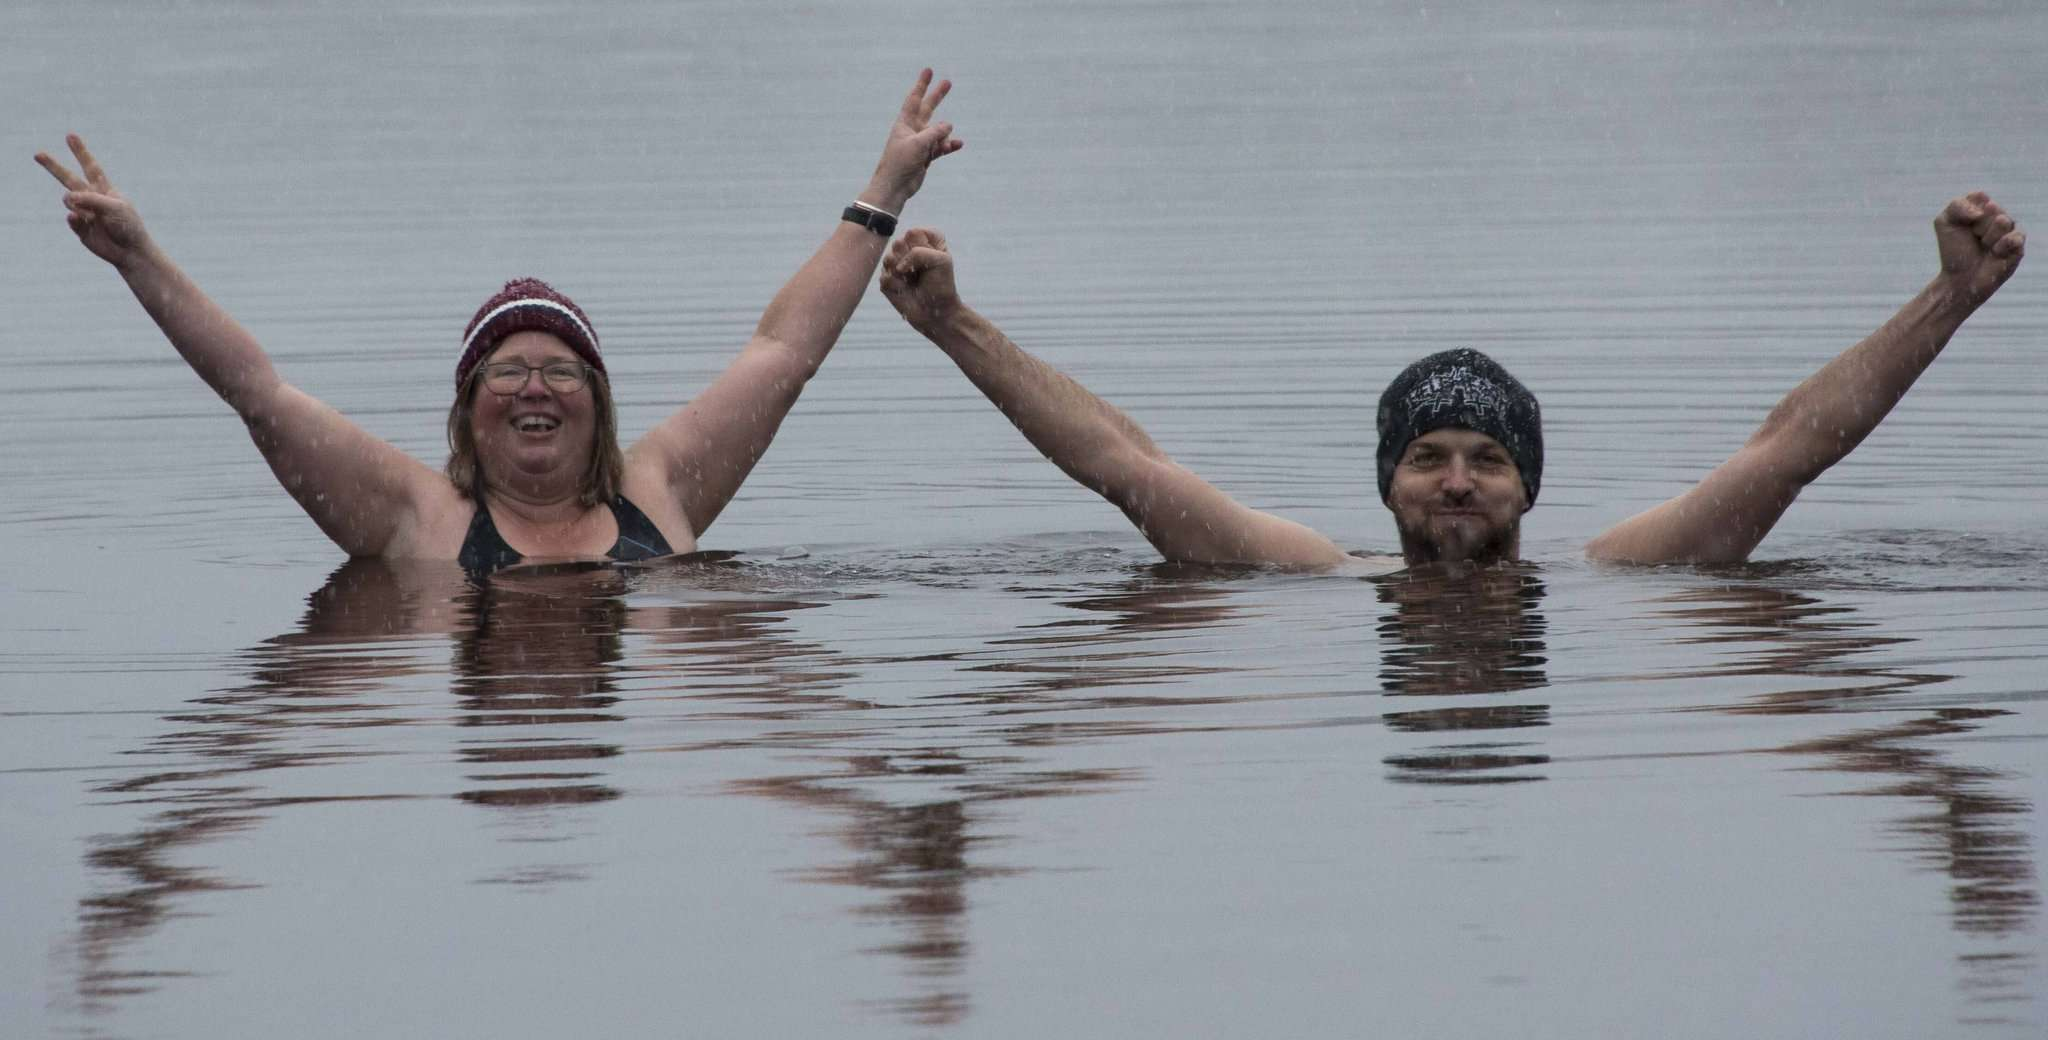 Der Sprung ins kalte Wasser: Ulla Heyne muss sich da erst überwinden, Sergej Tschernow dagegen nimmt die Temperaturen um den Gefrierpunkt ganz gelassen. Foto: Heyne